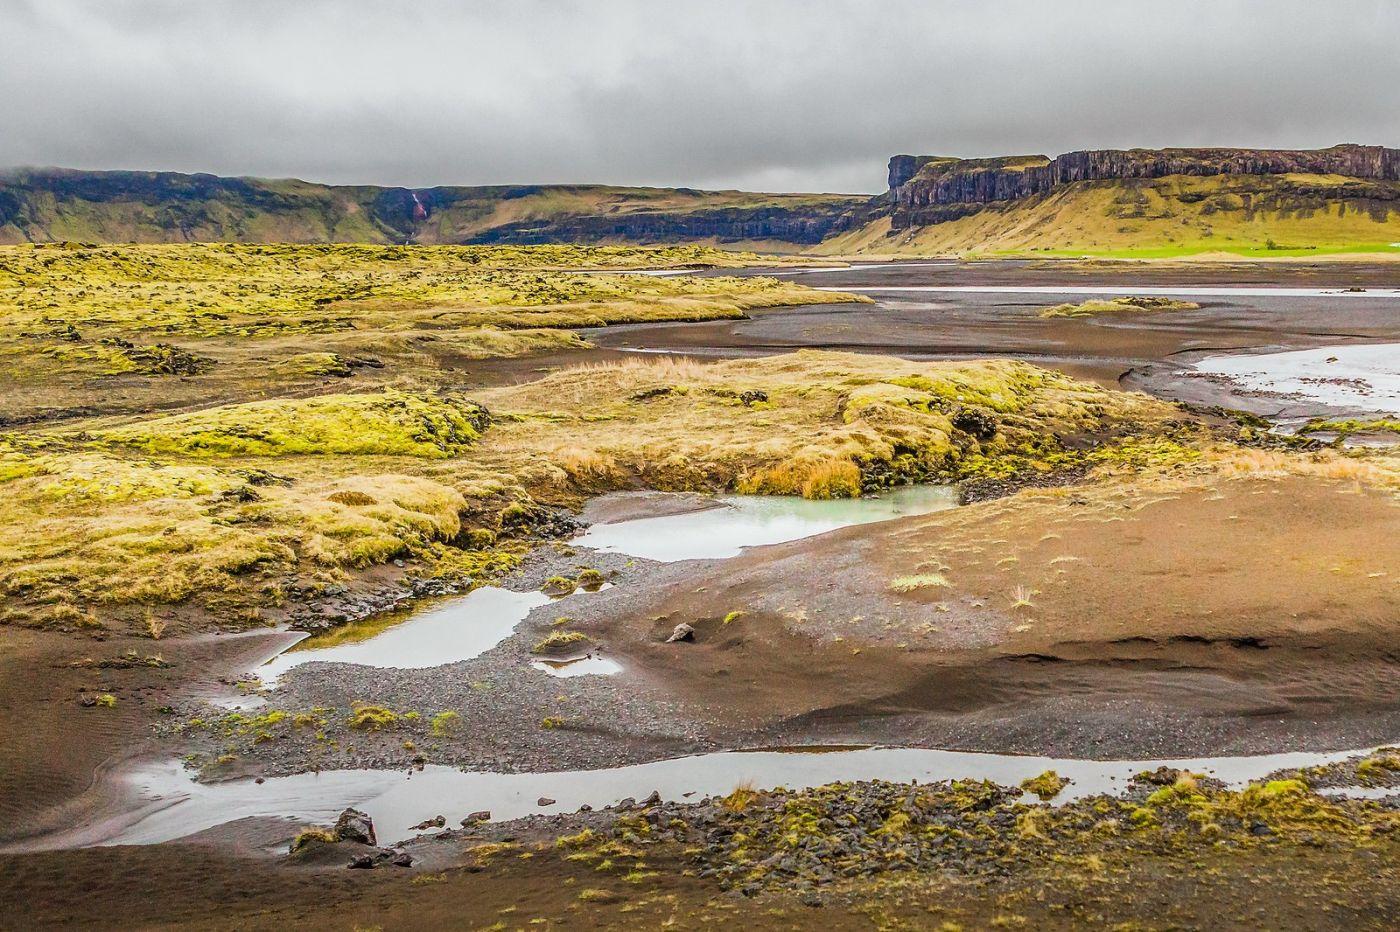 冰岛风采,那一片水景_图1-5